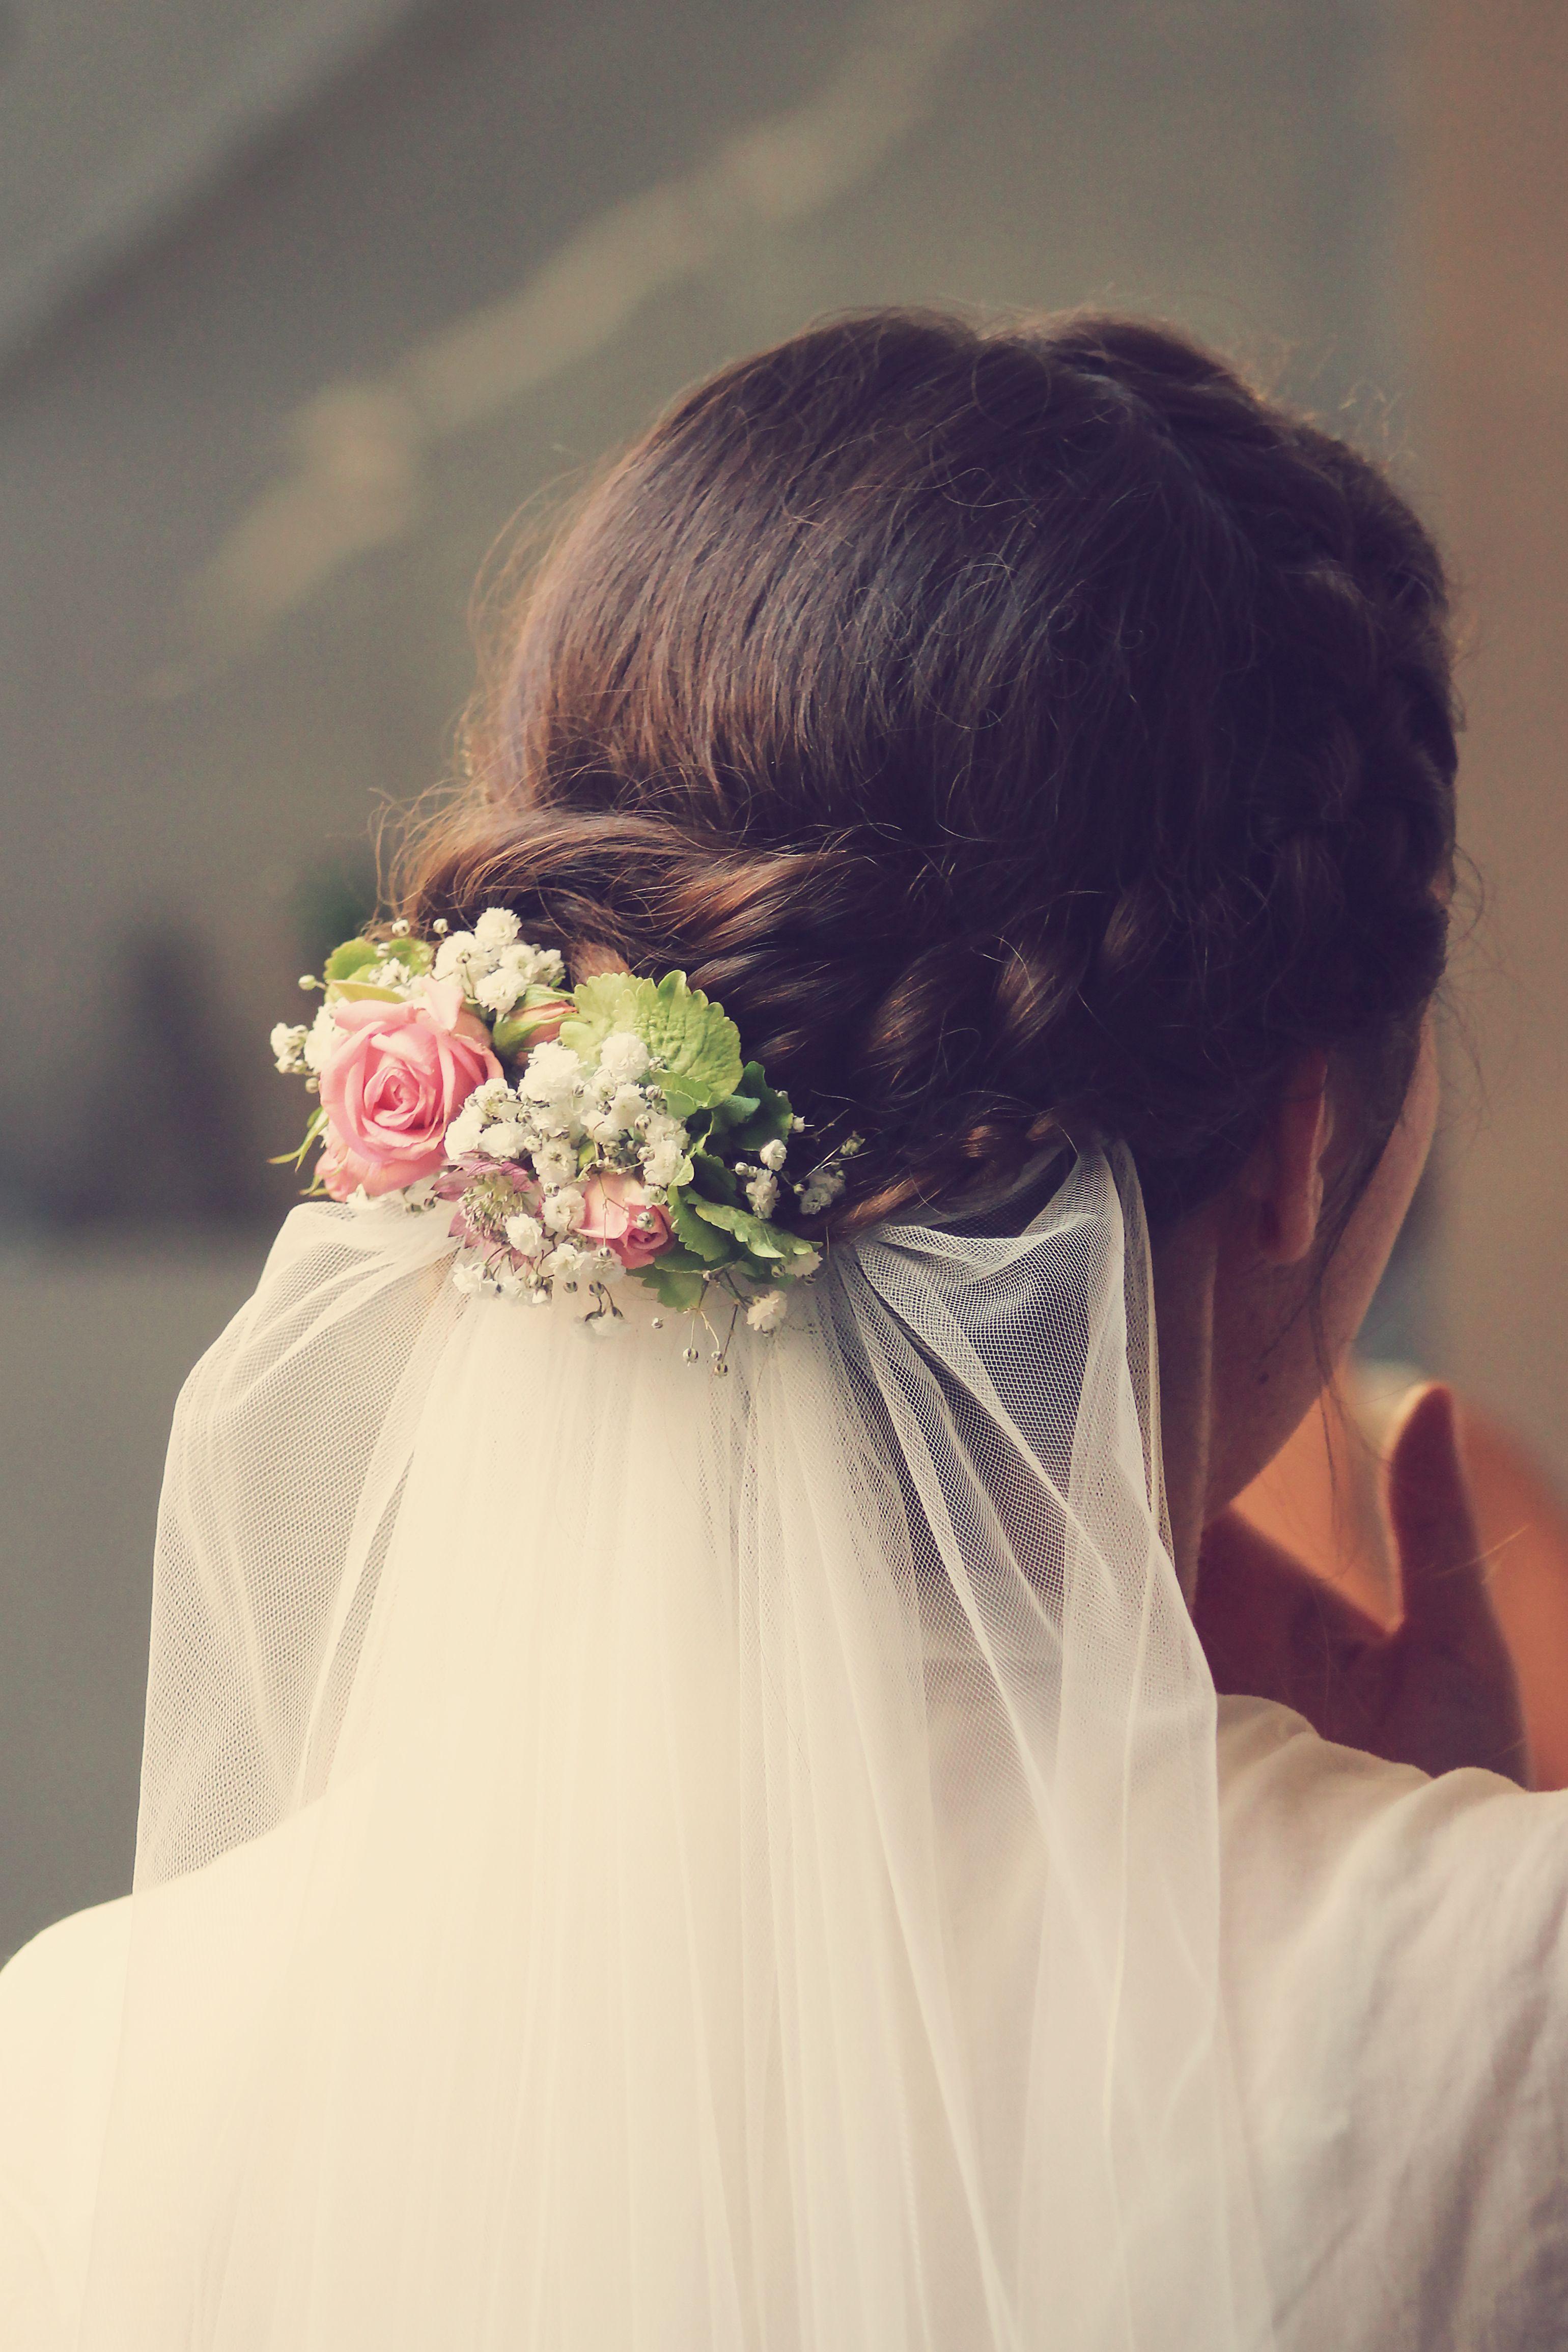 Brautfrisur Mit Blumen Und Schleier Ucesy Frisur Hochzeit